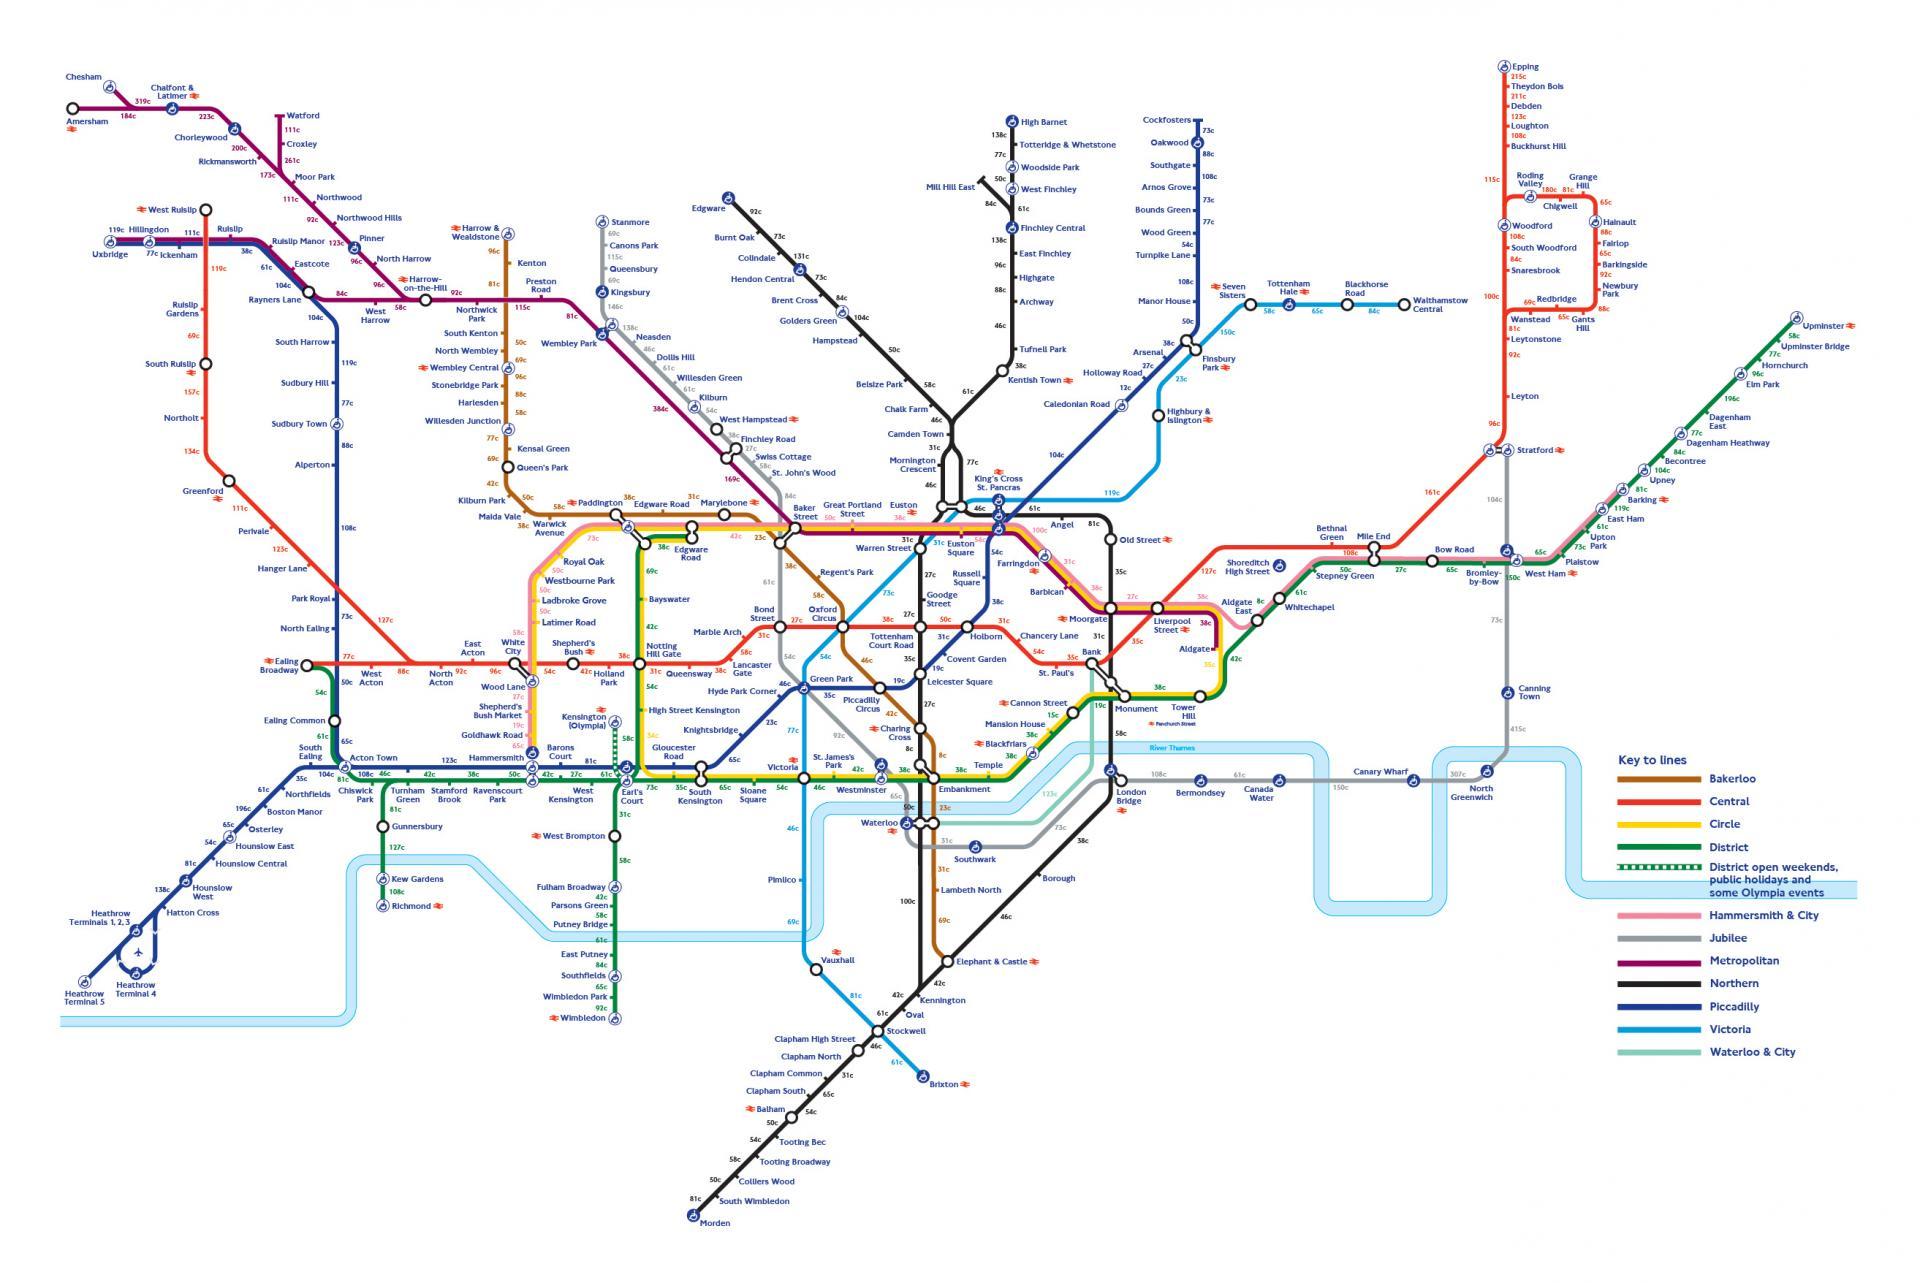 Nombre de calories brûlées entre les stations de métro de Londres